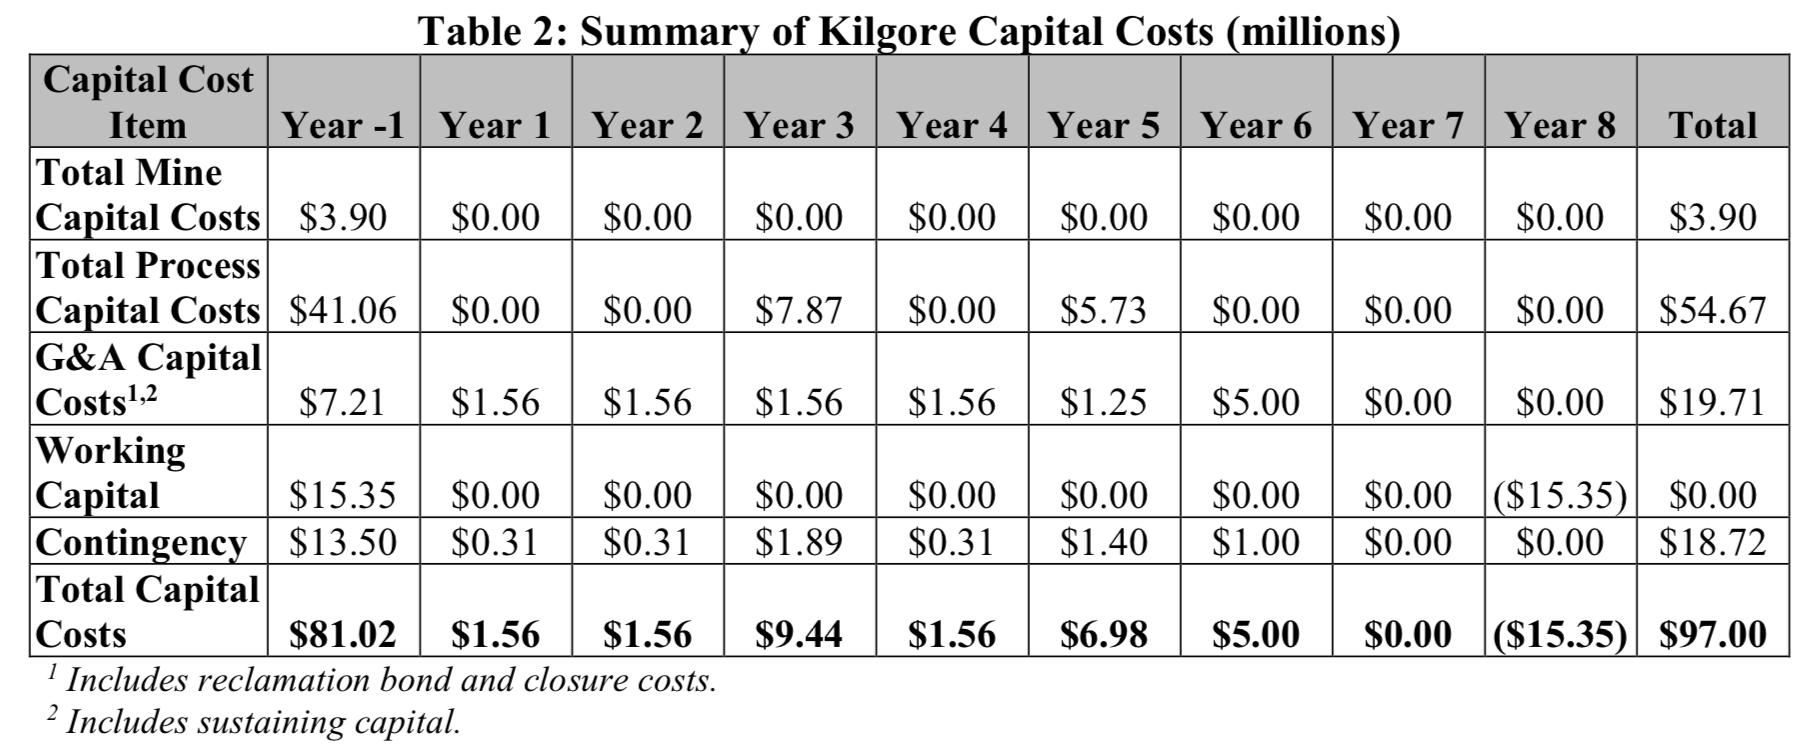 Table 2: Summary of Kilgore Capital Costs